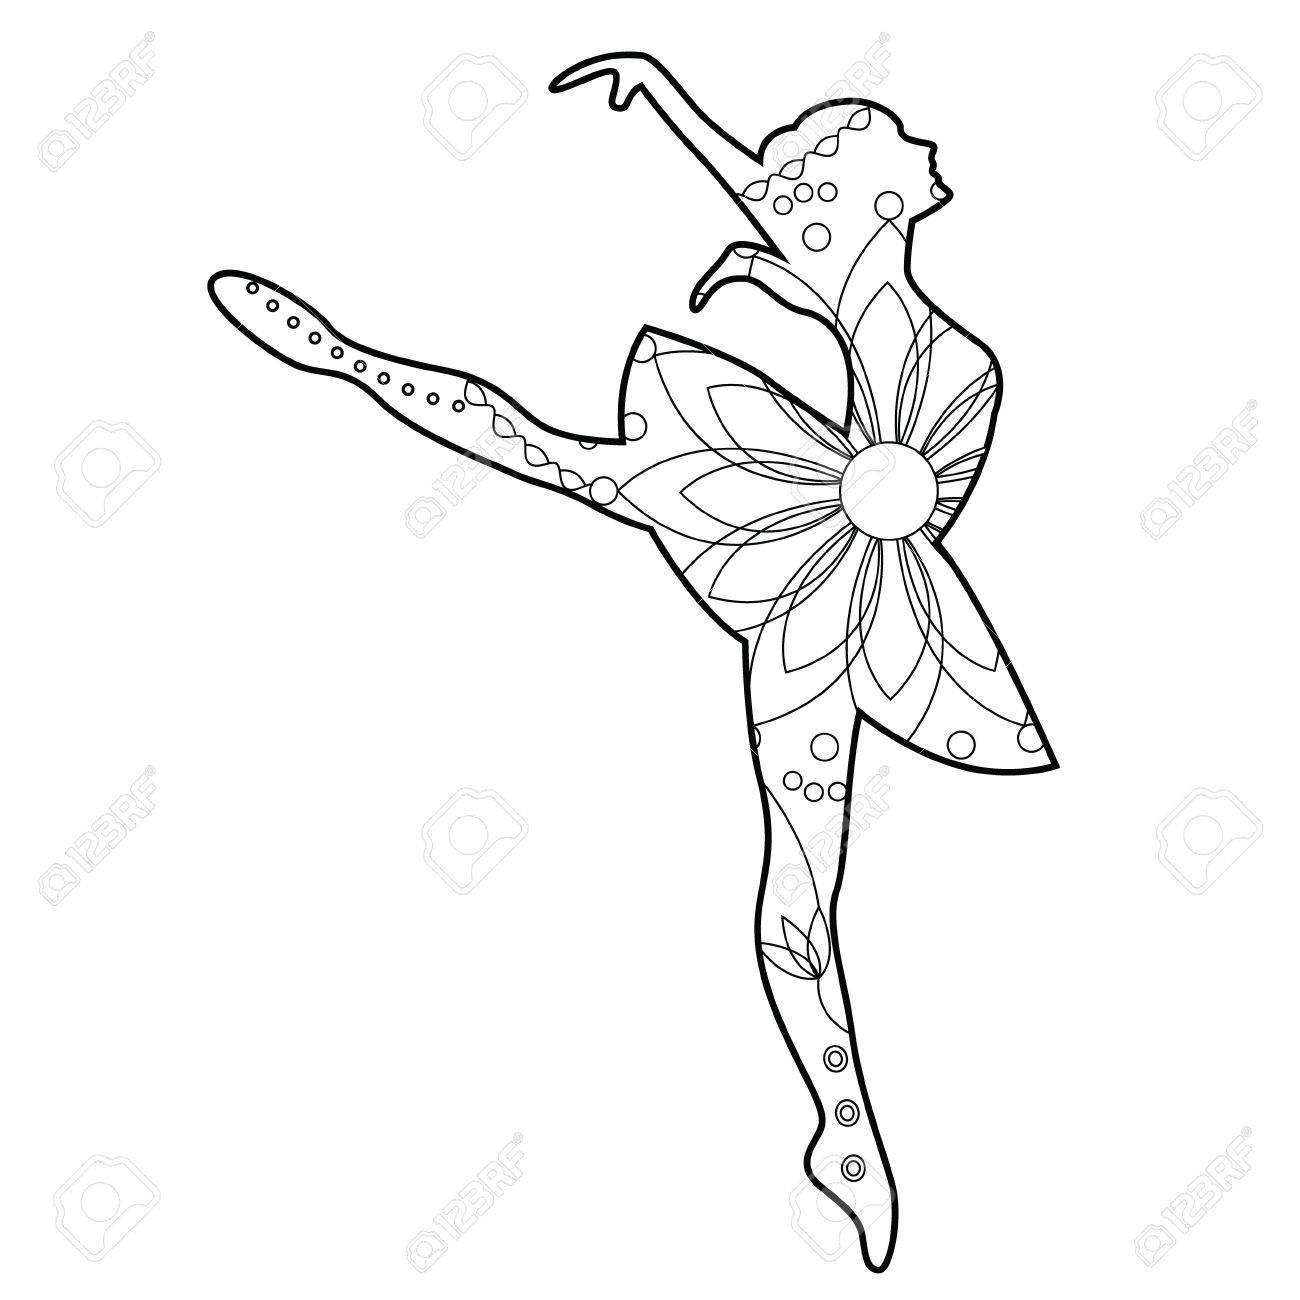 Coloriage Danseuse Ballet.Vecteur Danseuse De Ballet A Colorier Clip Art Libres De Droits